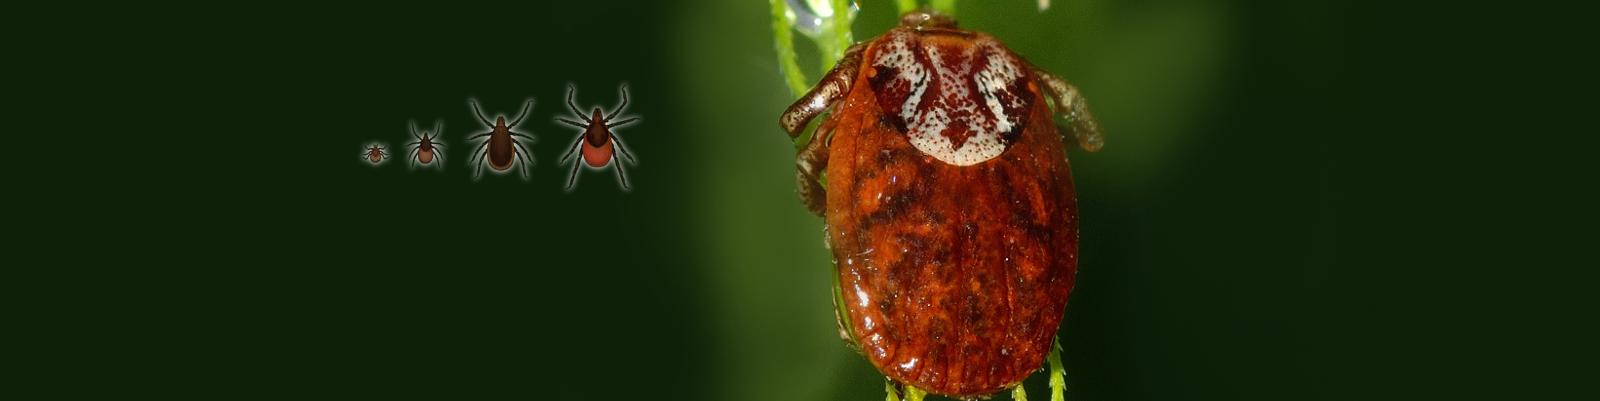 slide:Ticks & Lyme Disease